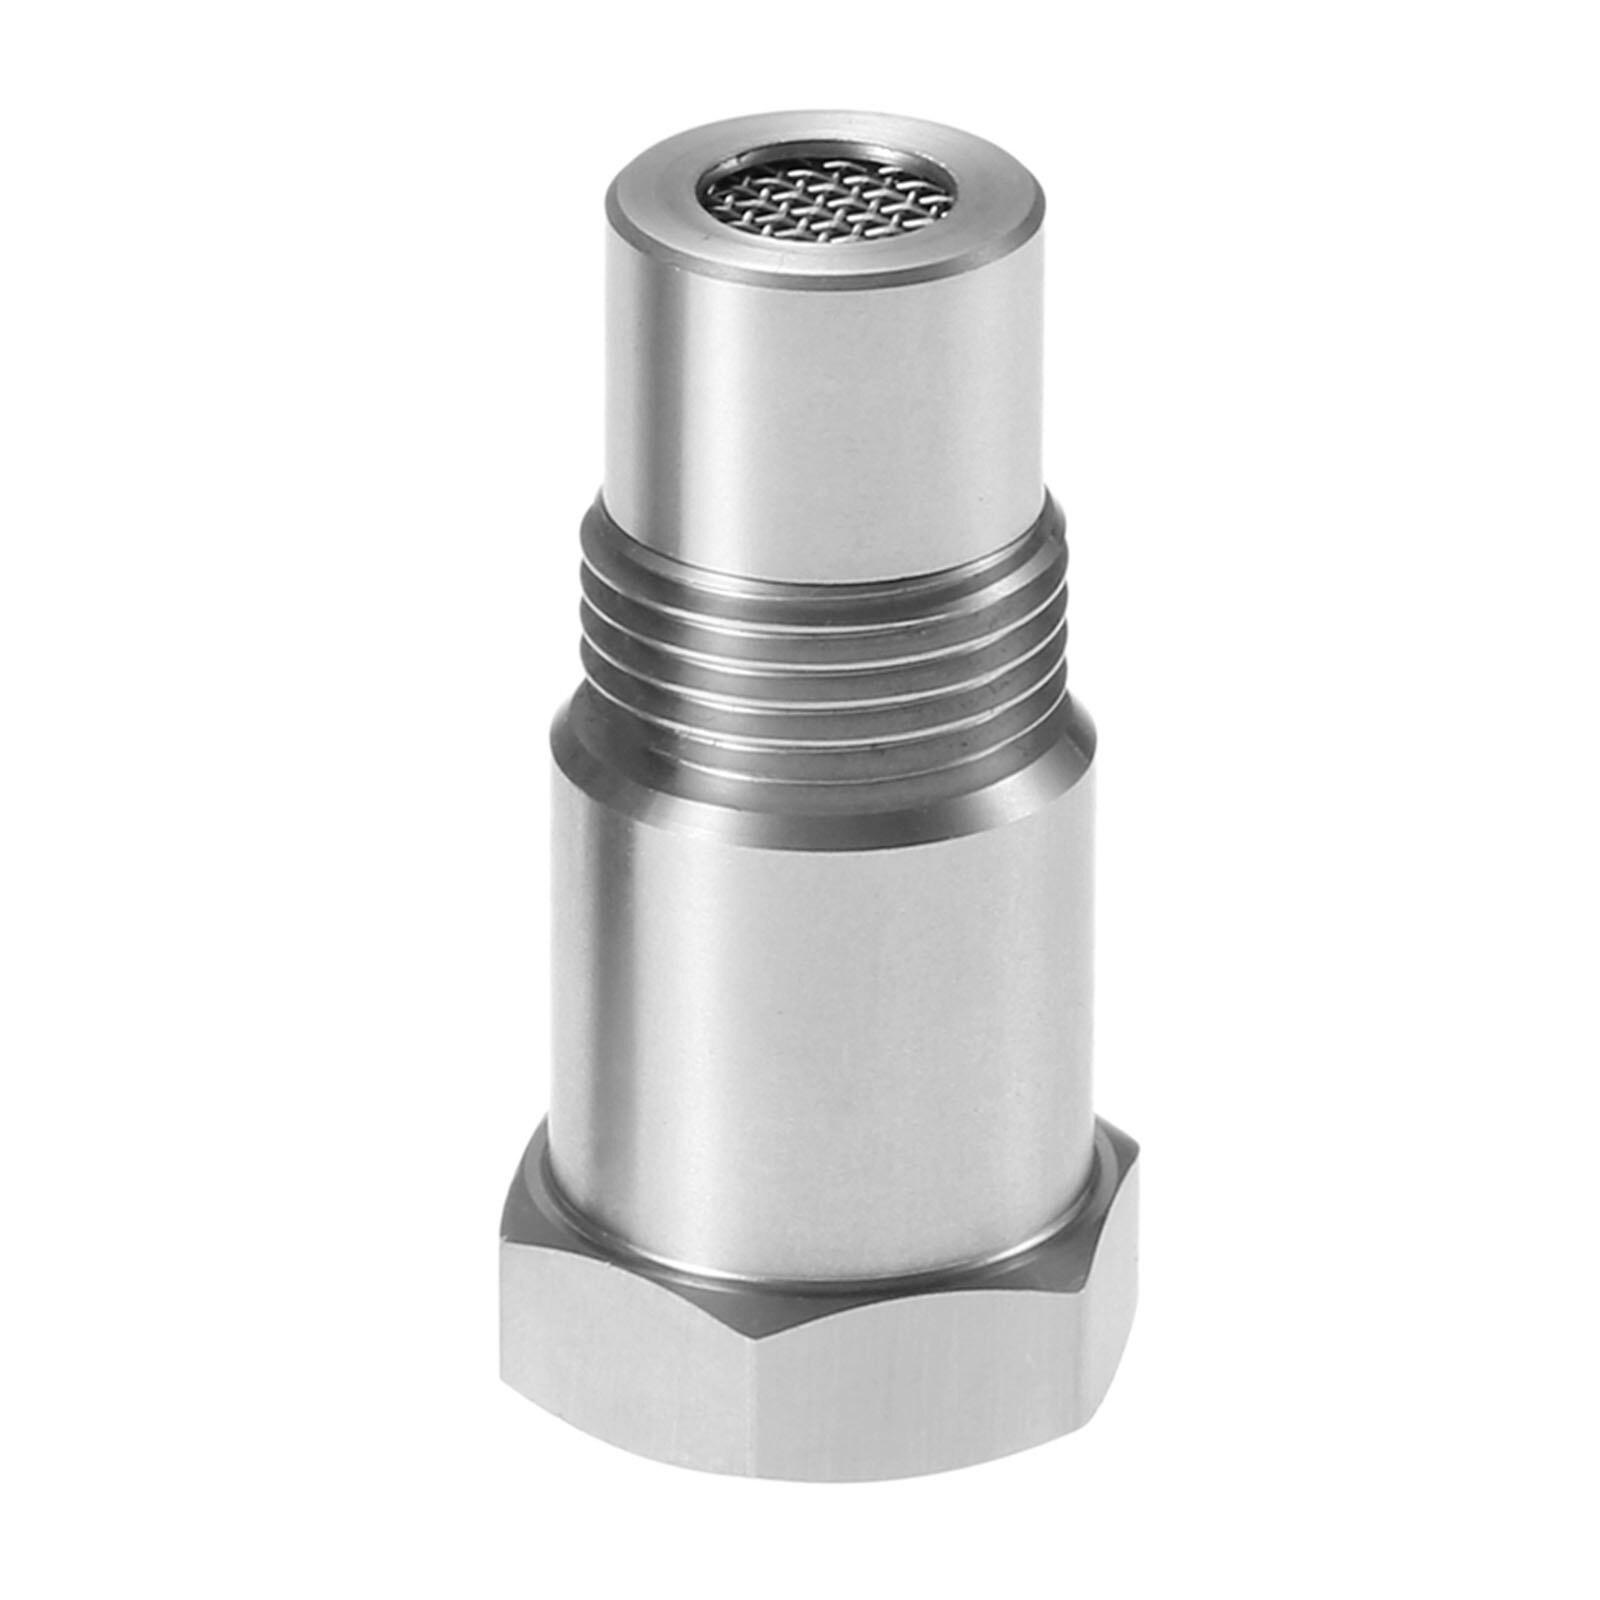 Yetaha двигателя переходник CEL выпрямитель мини каталитический нейтрализатор для большинства M18 X 1,5 нить O2 Сенсор Распорки-in Датчик содержания кислорода в отработавших газах from Автомобили и мотоциклы on AliExpress - 11.11_Double 11_Singles' Day